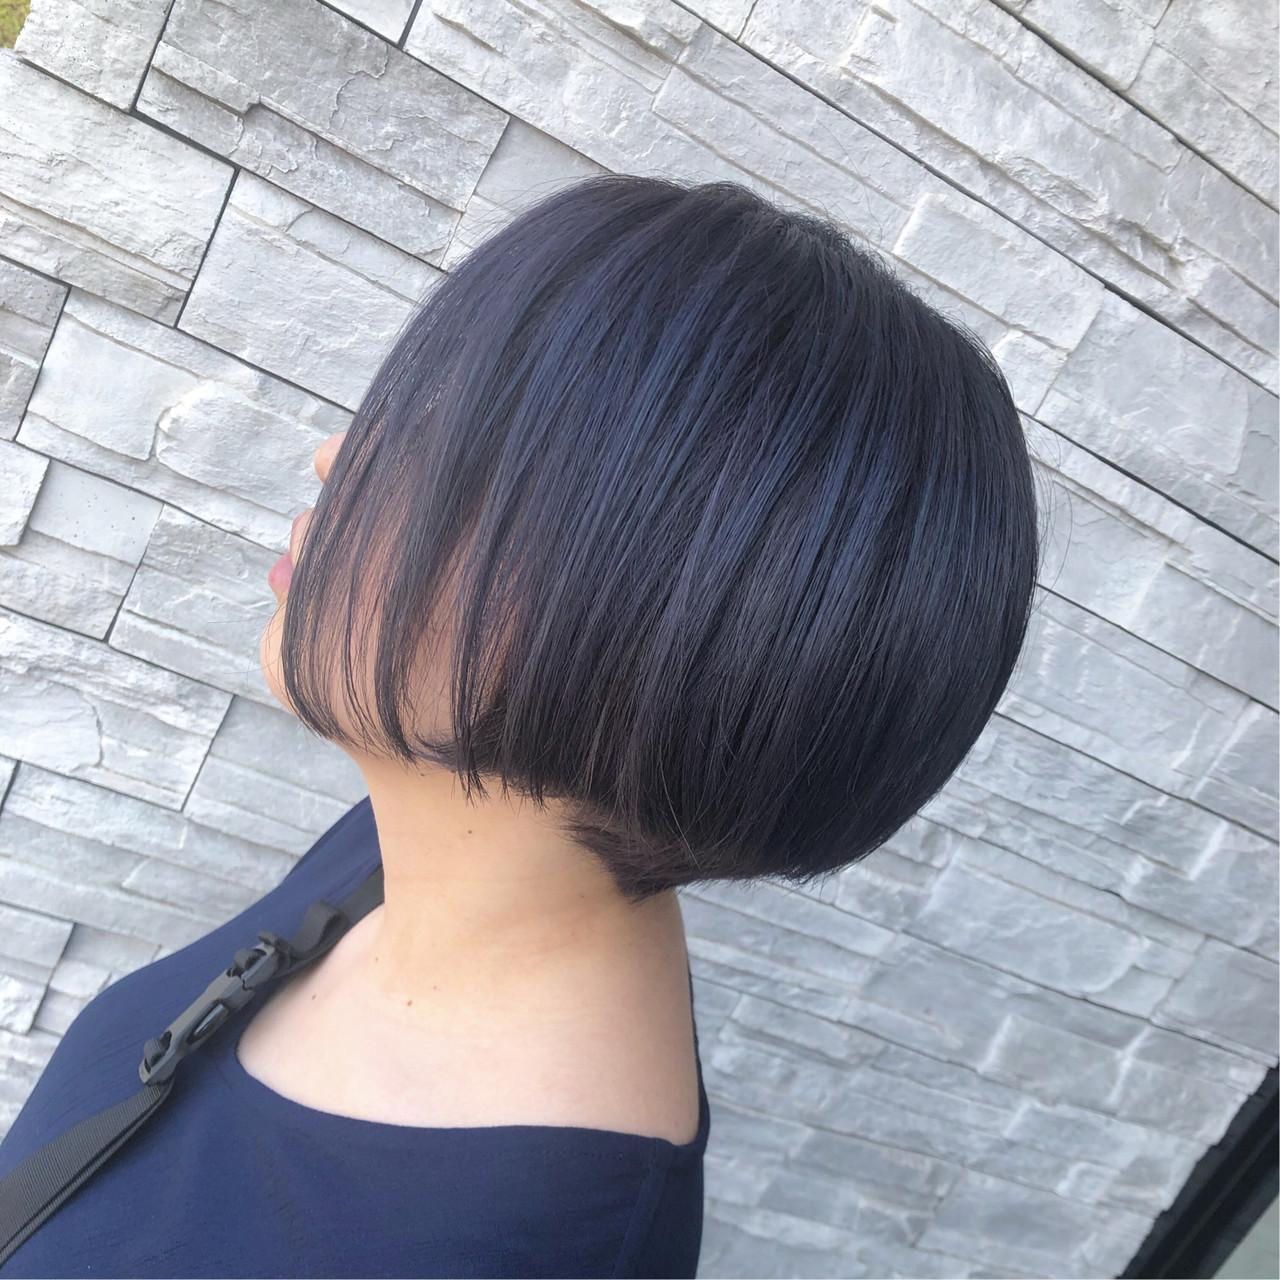 透明感カラー ブルーバイオレット ショート モード ヘアスタイルや髪型の写真・画像